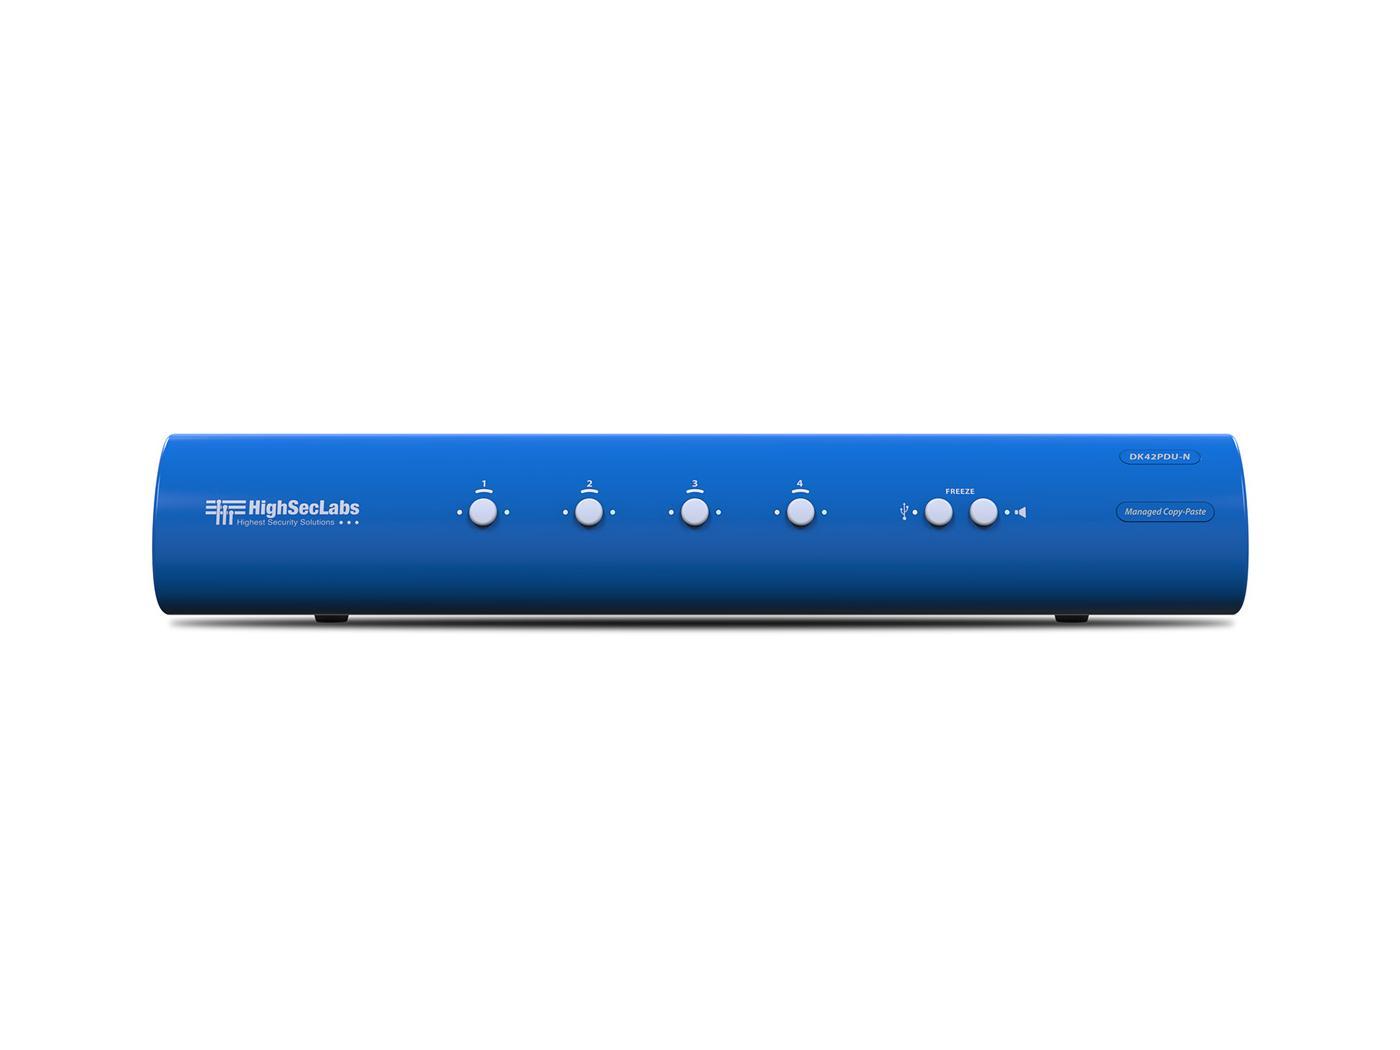 Kramer DK42PDU-N HighSecLabs Dual Head 4-Port 4K30 UHD DVI-I and DisplayPort KVM Switch with sUSB